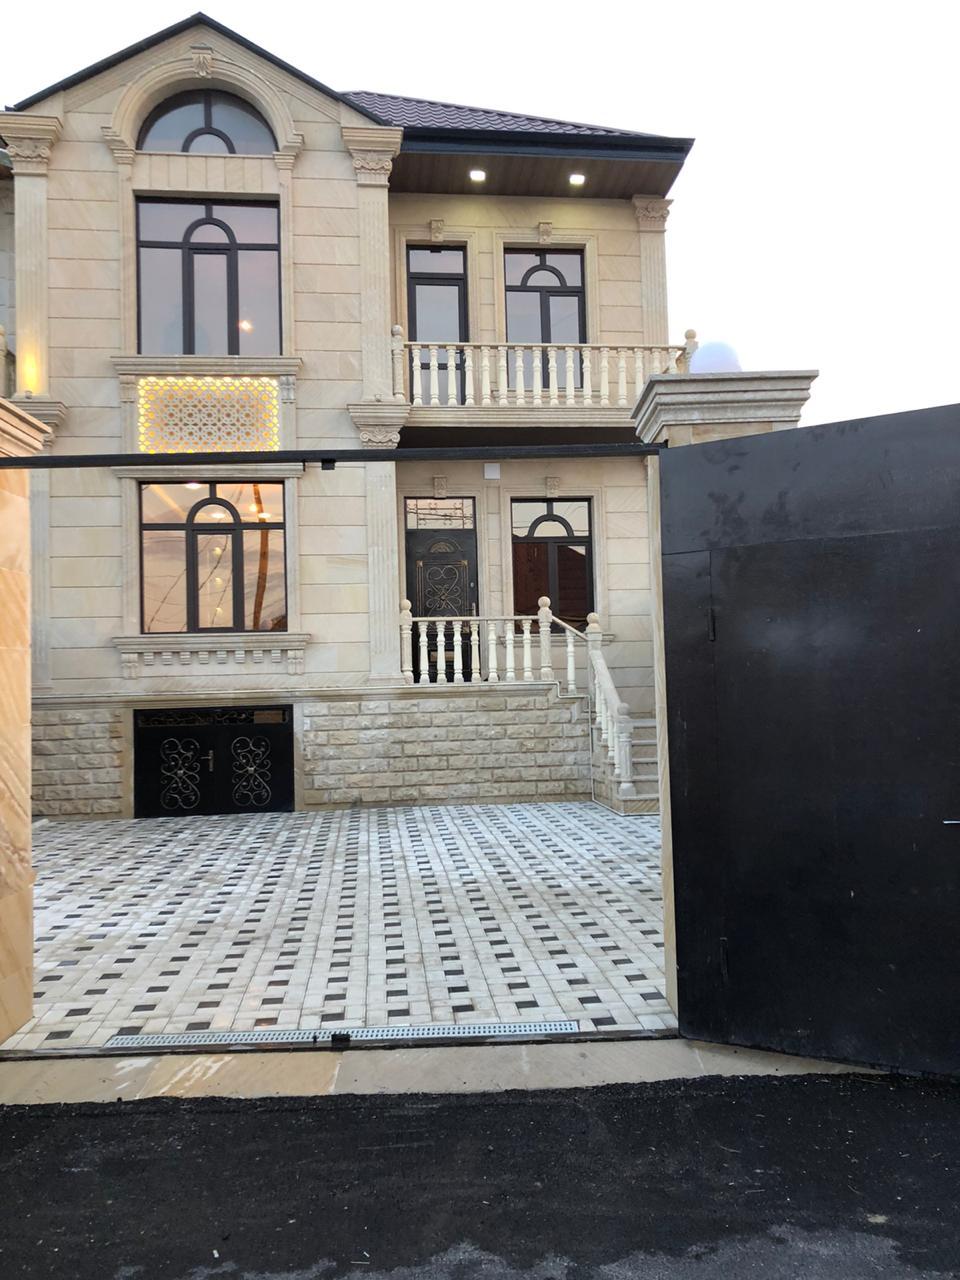 Biləcəri qəs. Orxan marketin yaxınlığında mərkəz prospekt